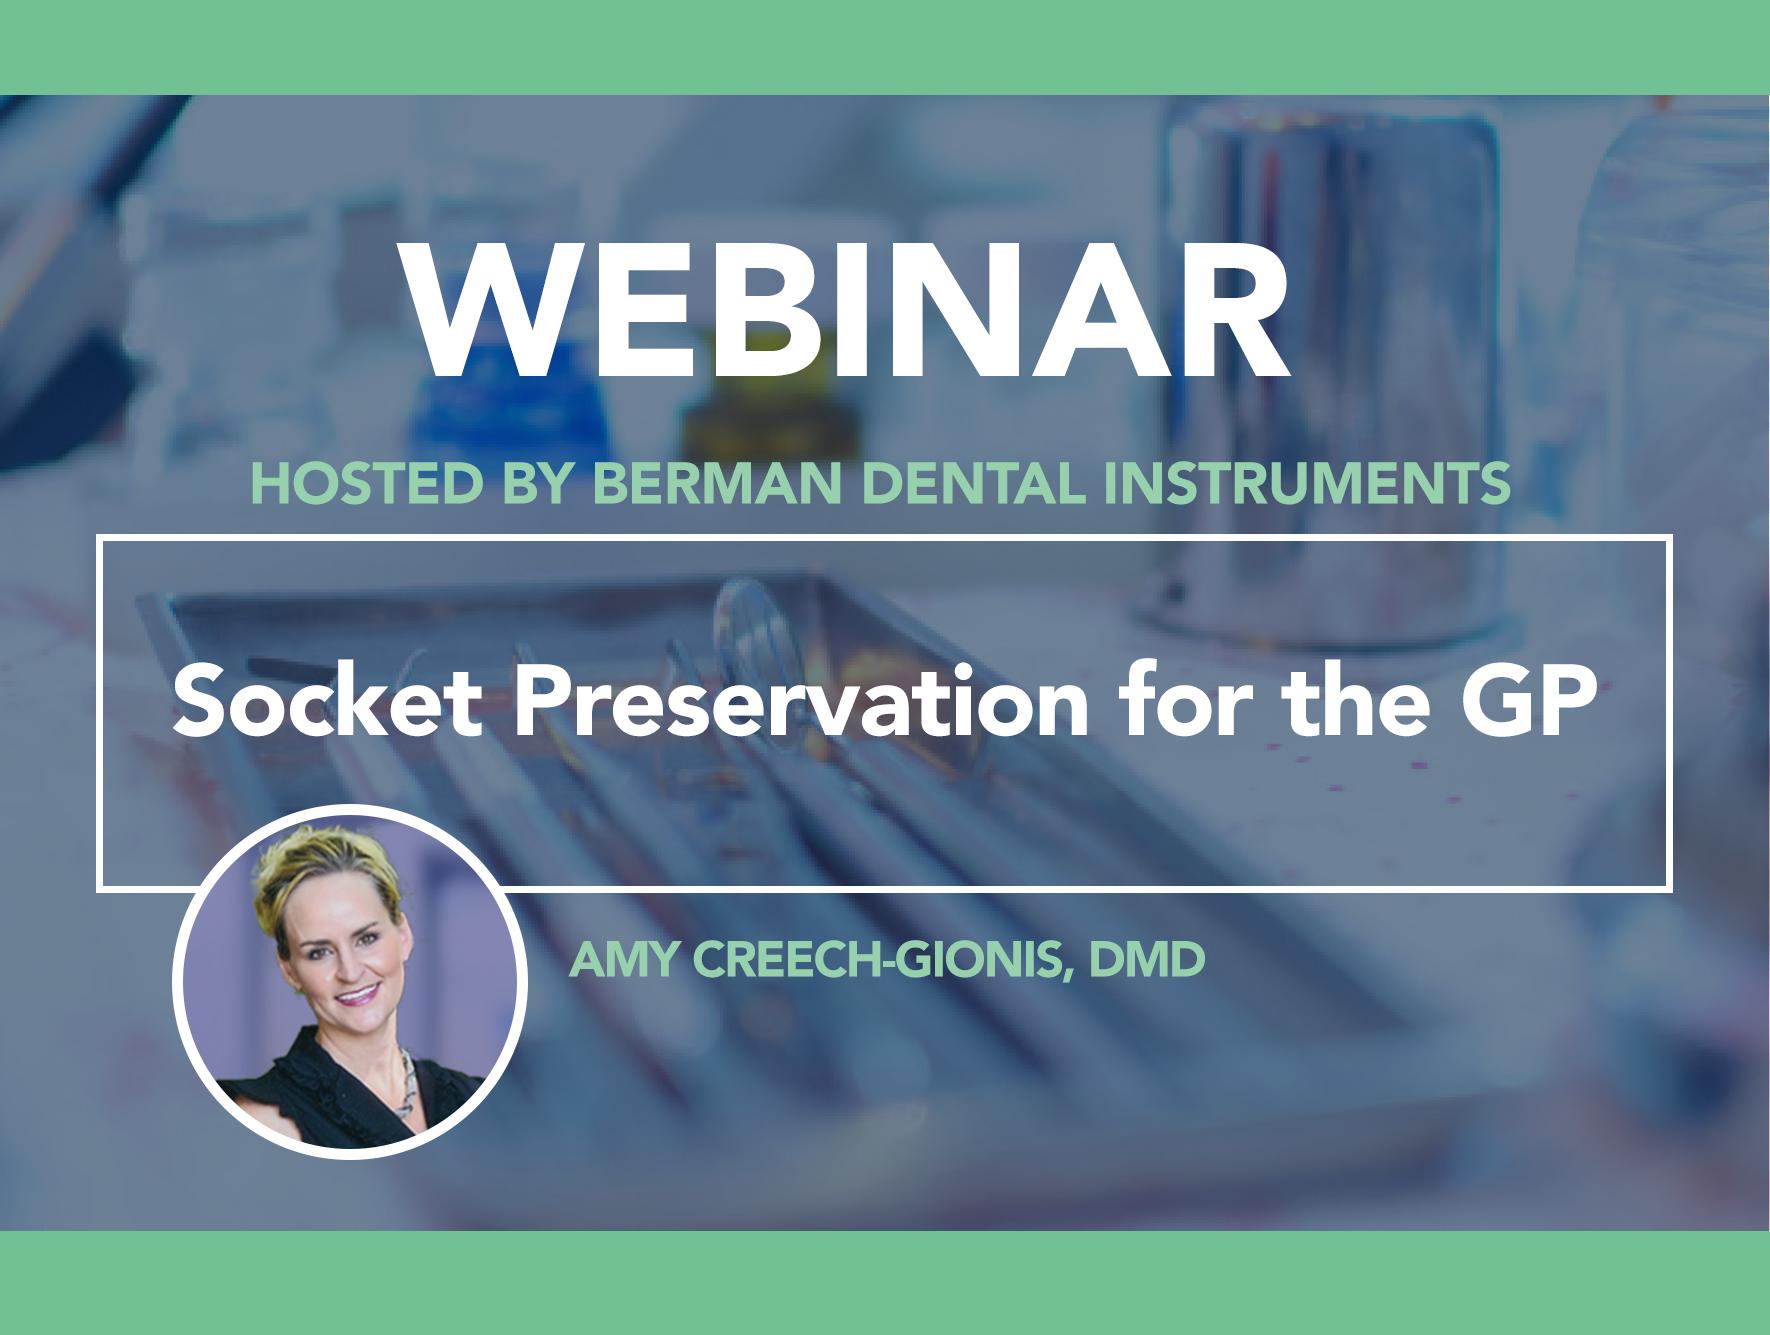 Webinar: Socket Preservation for the GP